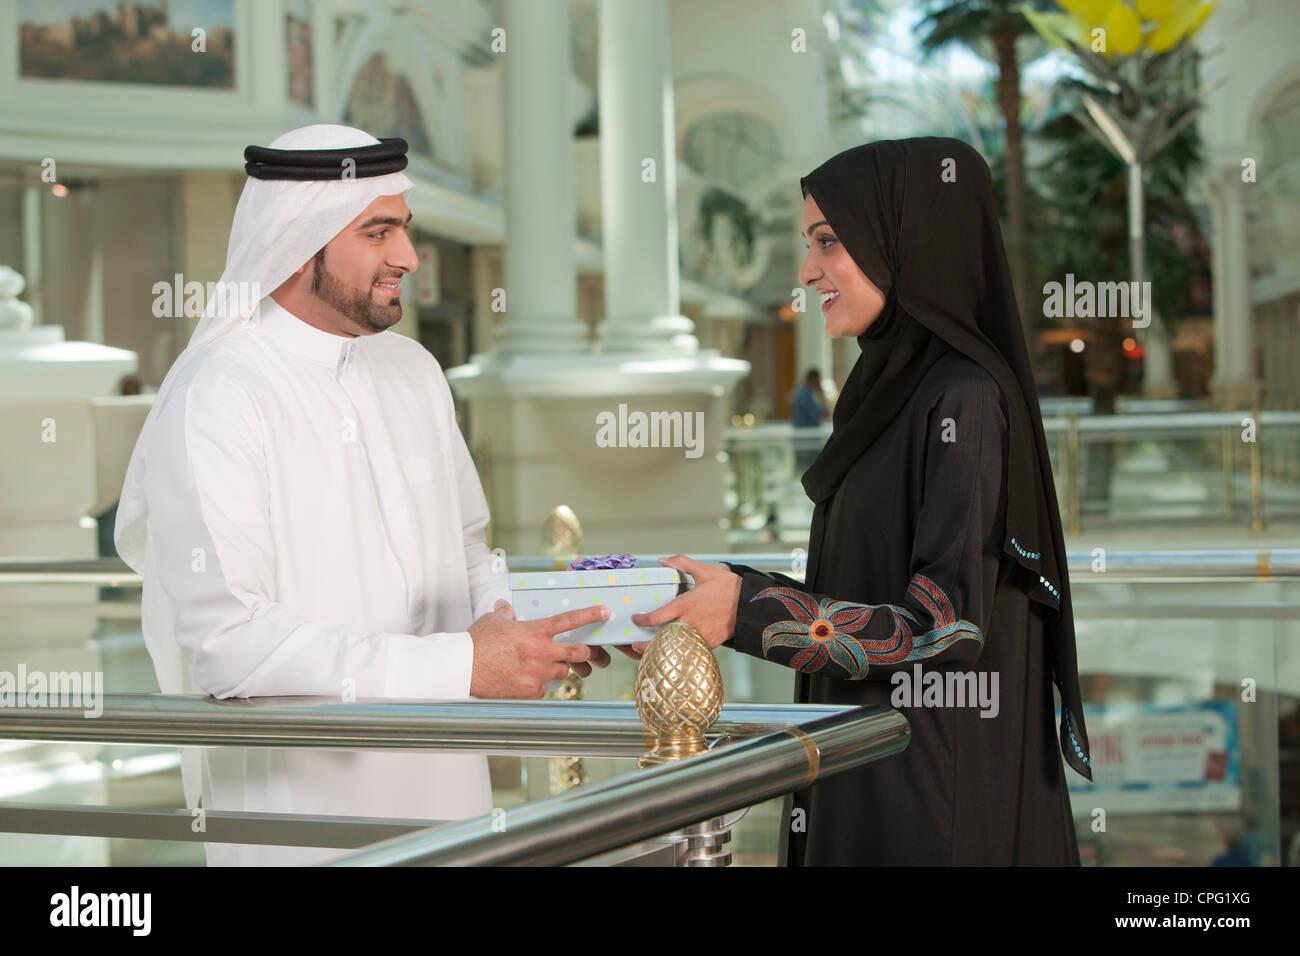 L'homme arabe cadeau donnant à la femme. Photo Stock